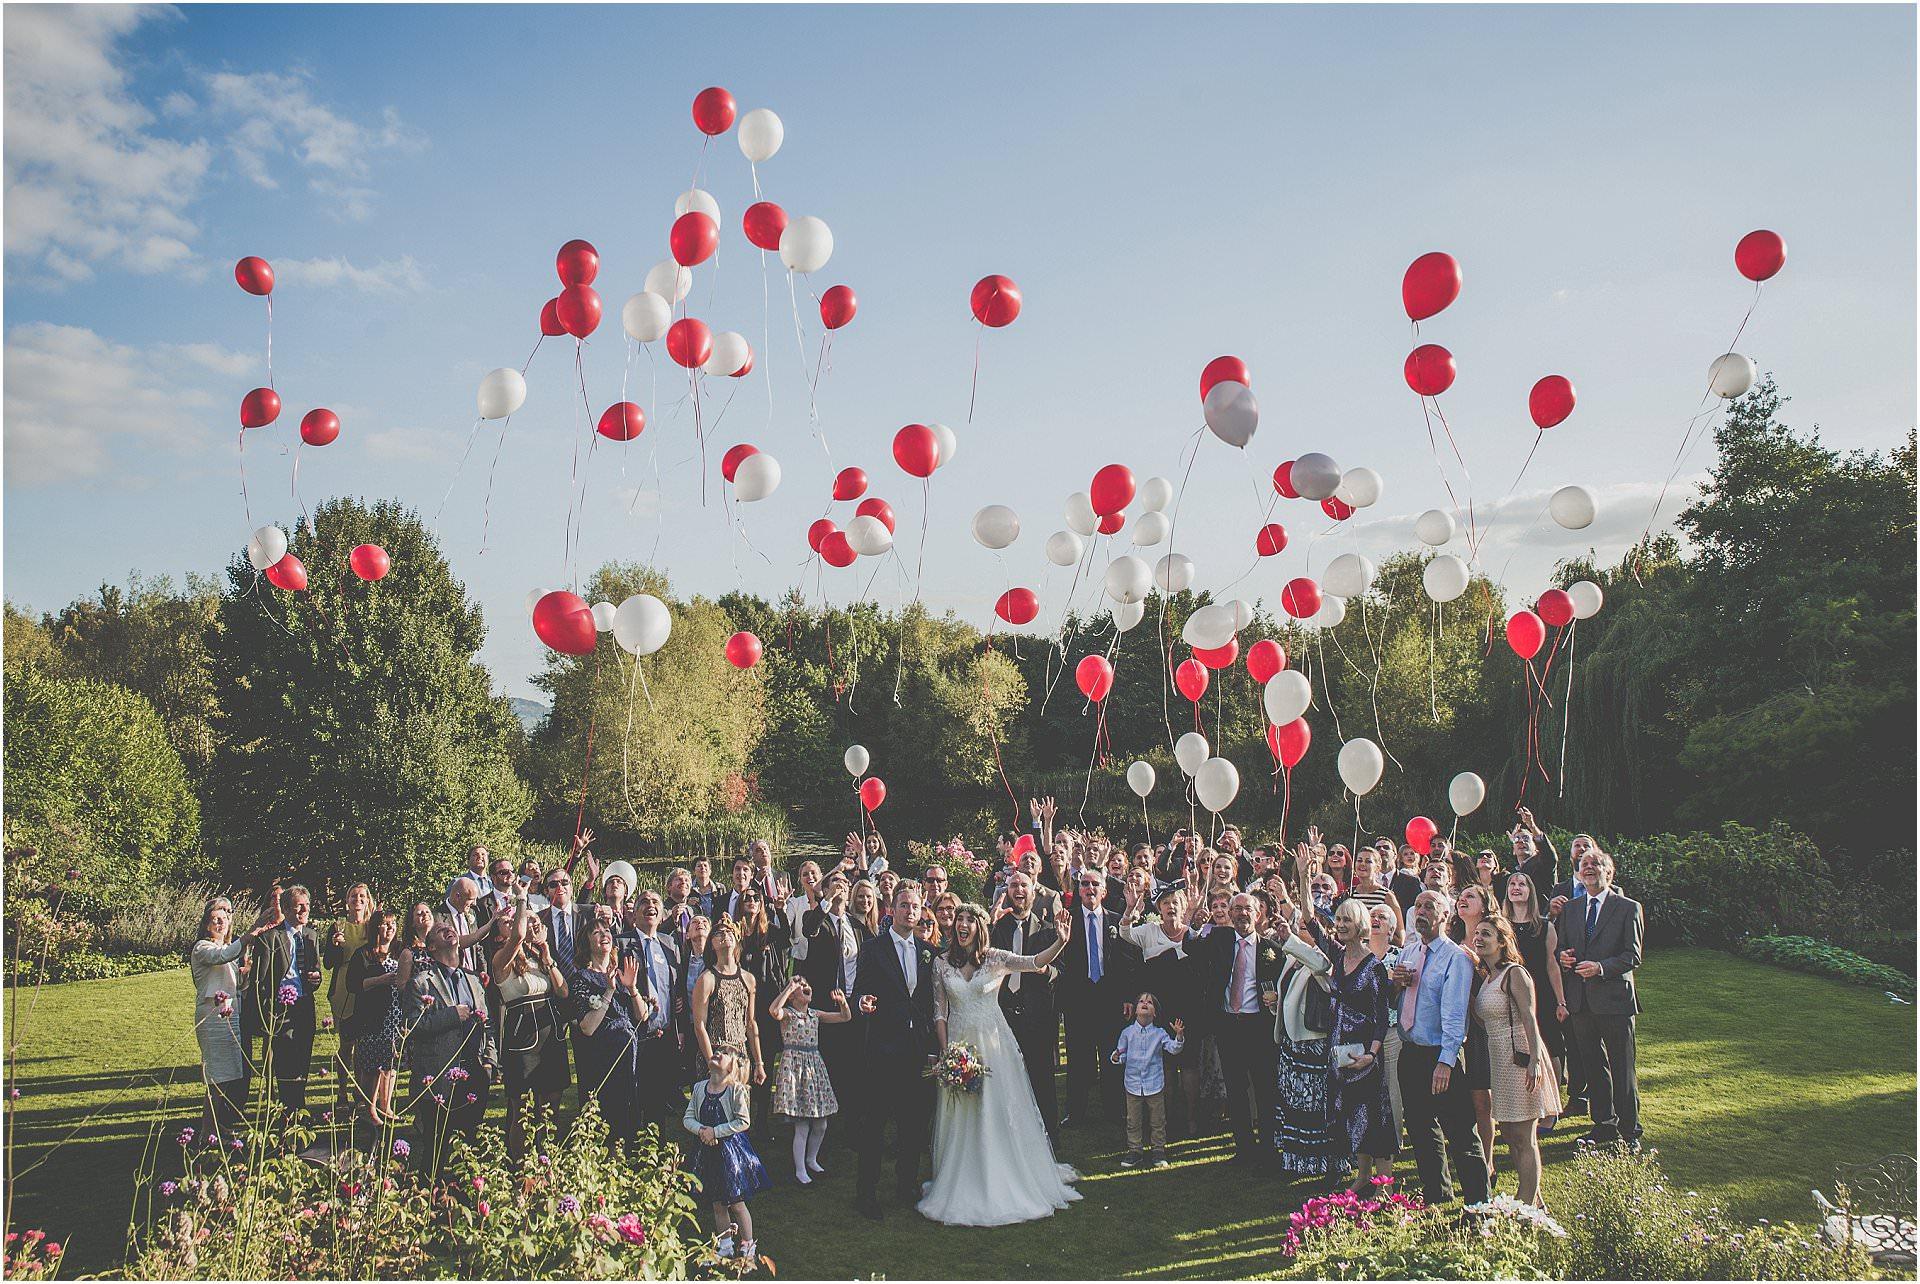 Lyde Arundel Wedding Photographer Herefordshire Marta May